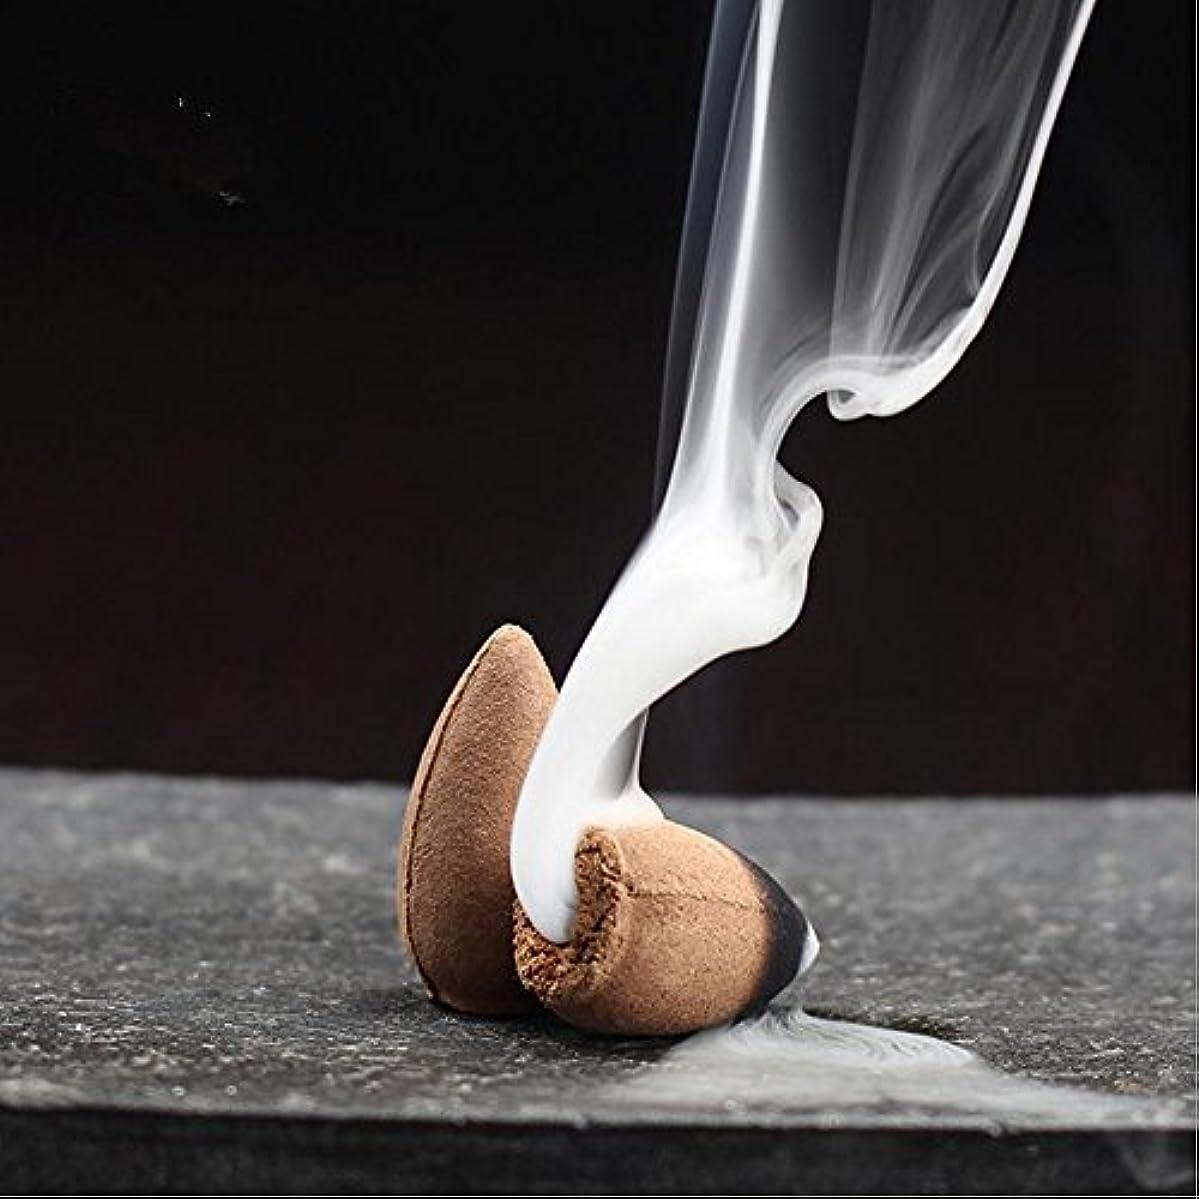 堀ミリメーター世界記録のギネスブック逆流startdy自然煙PagodaインドアIncense円錐Bulletアロマセラピーのヨガ瞑想45pc /ボックス